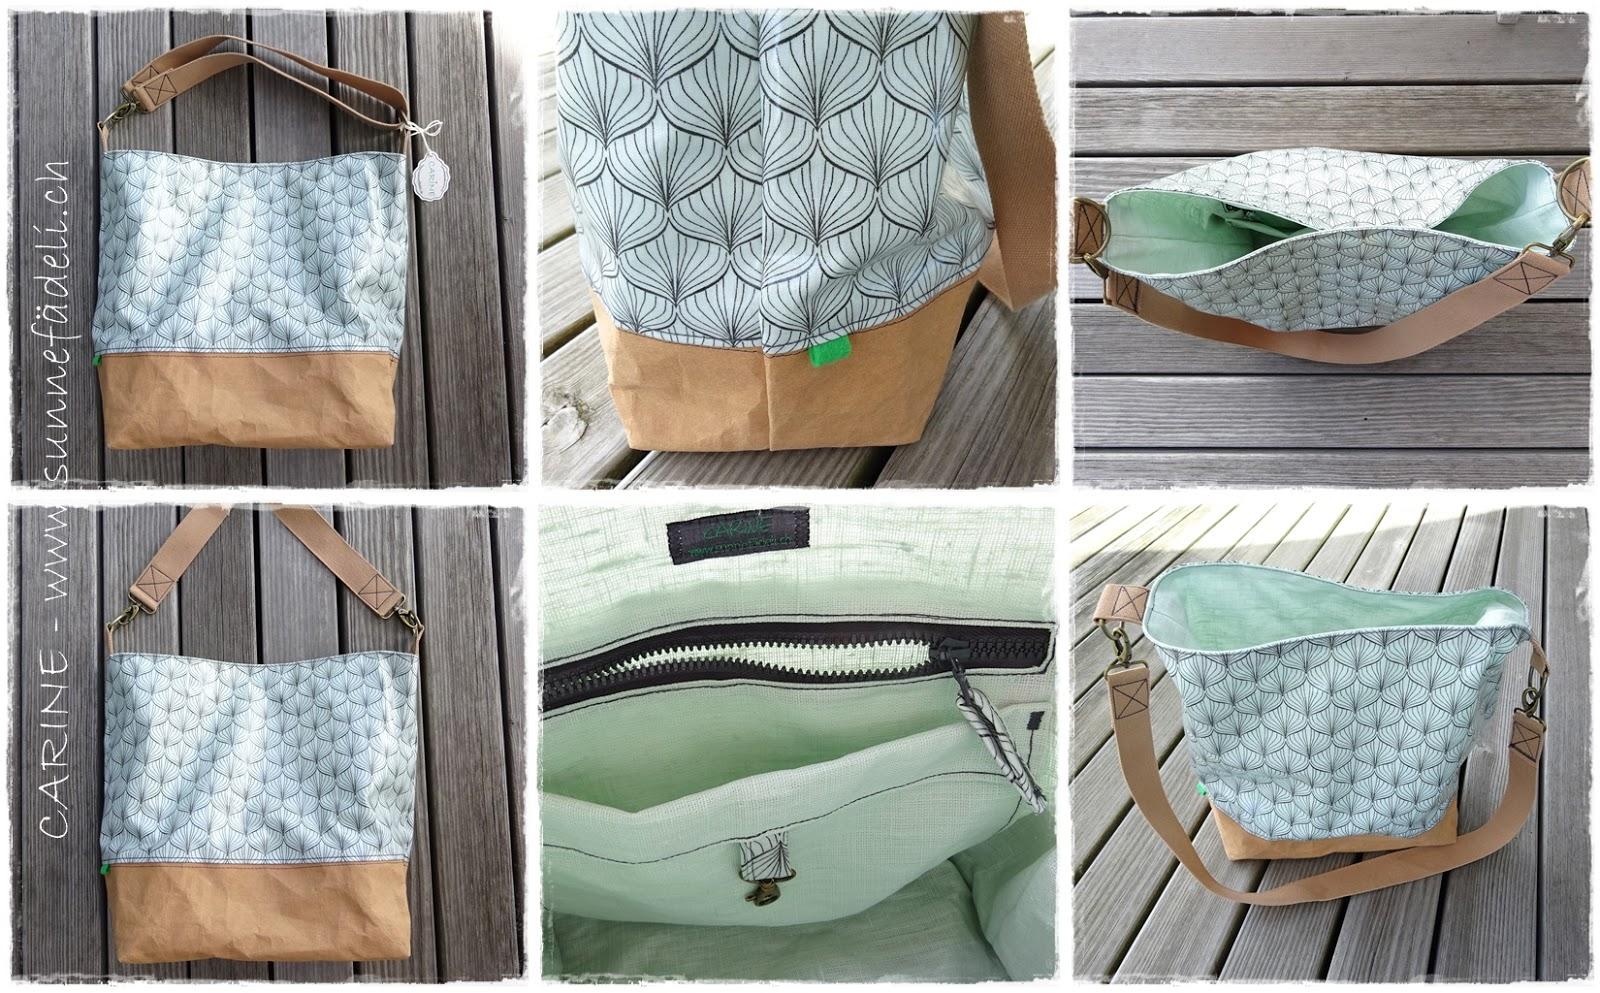 sunnef deli carine taschen rucksack necessaire. Black Bedroom Furniture Sets. Home Design Ideas